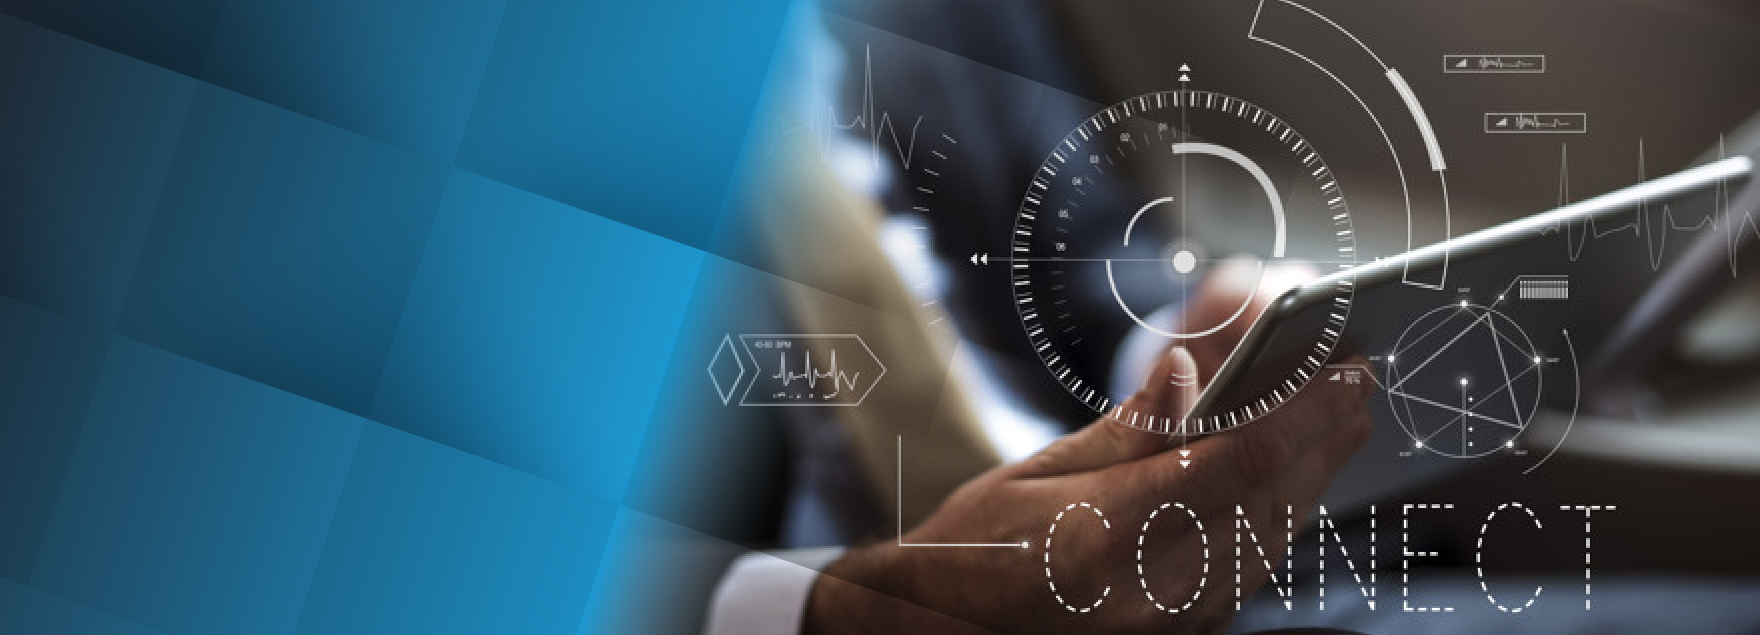 4 tendencias tecnológicas globales que ganarán terreno en 2019